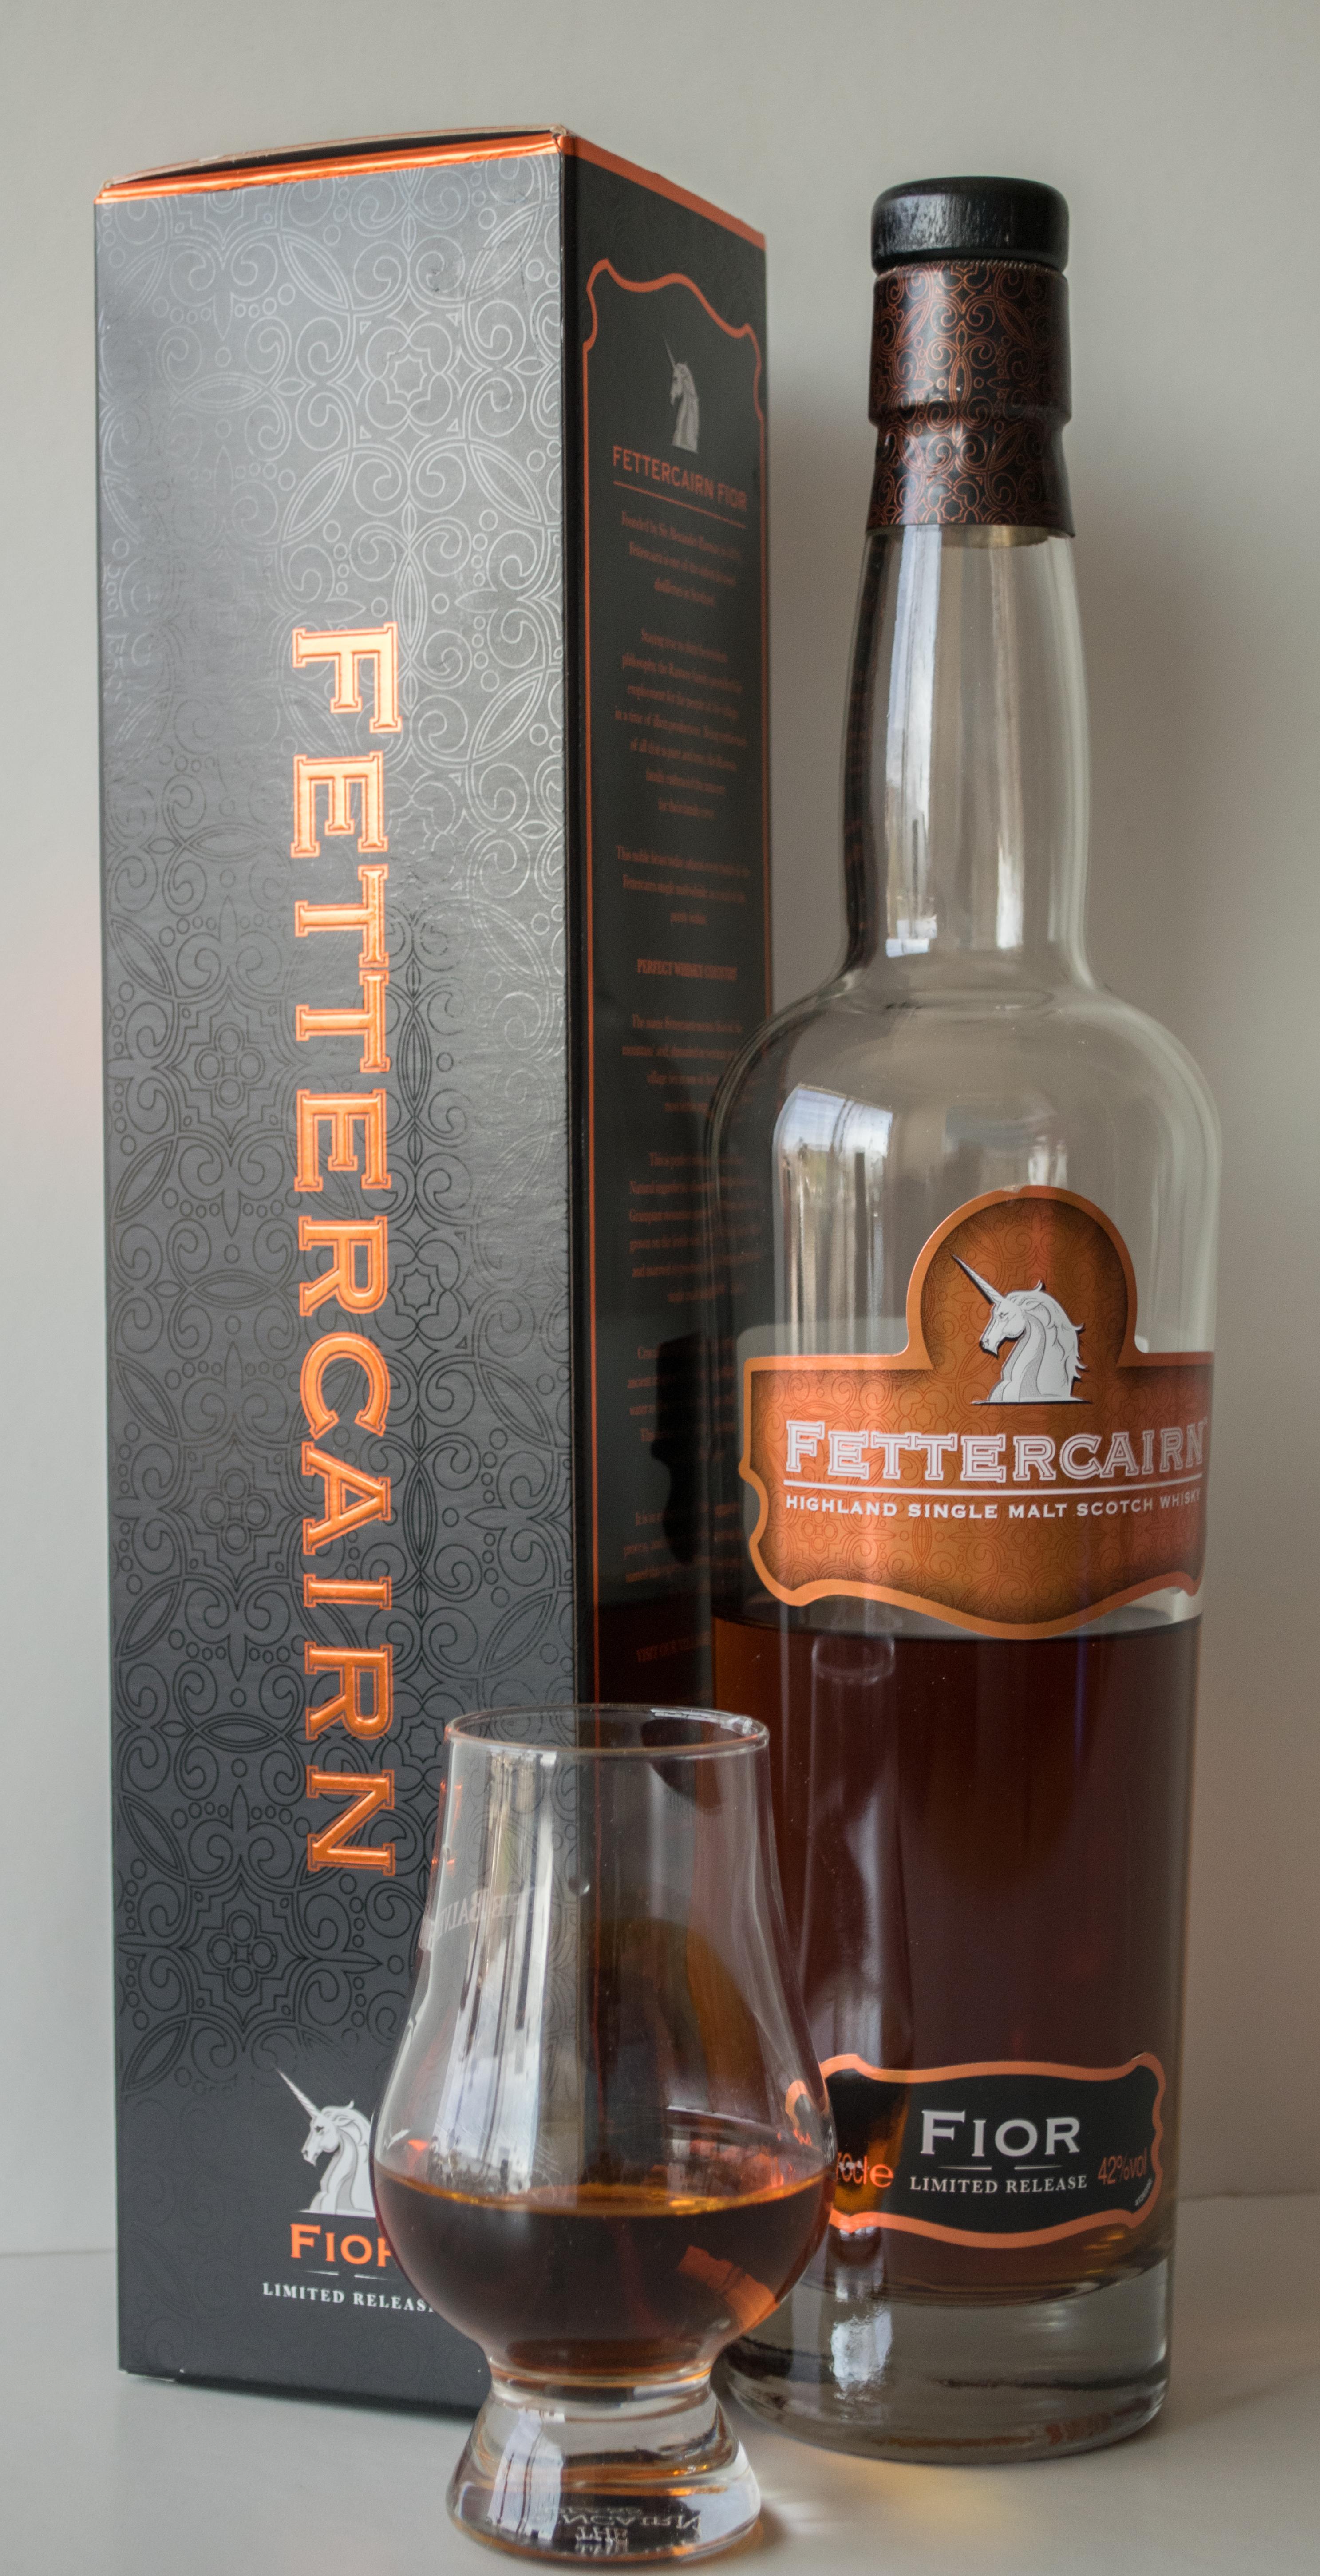 Fettercairn Fior review